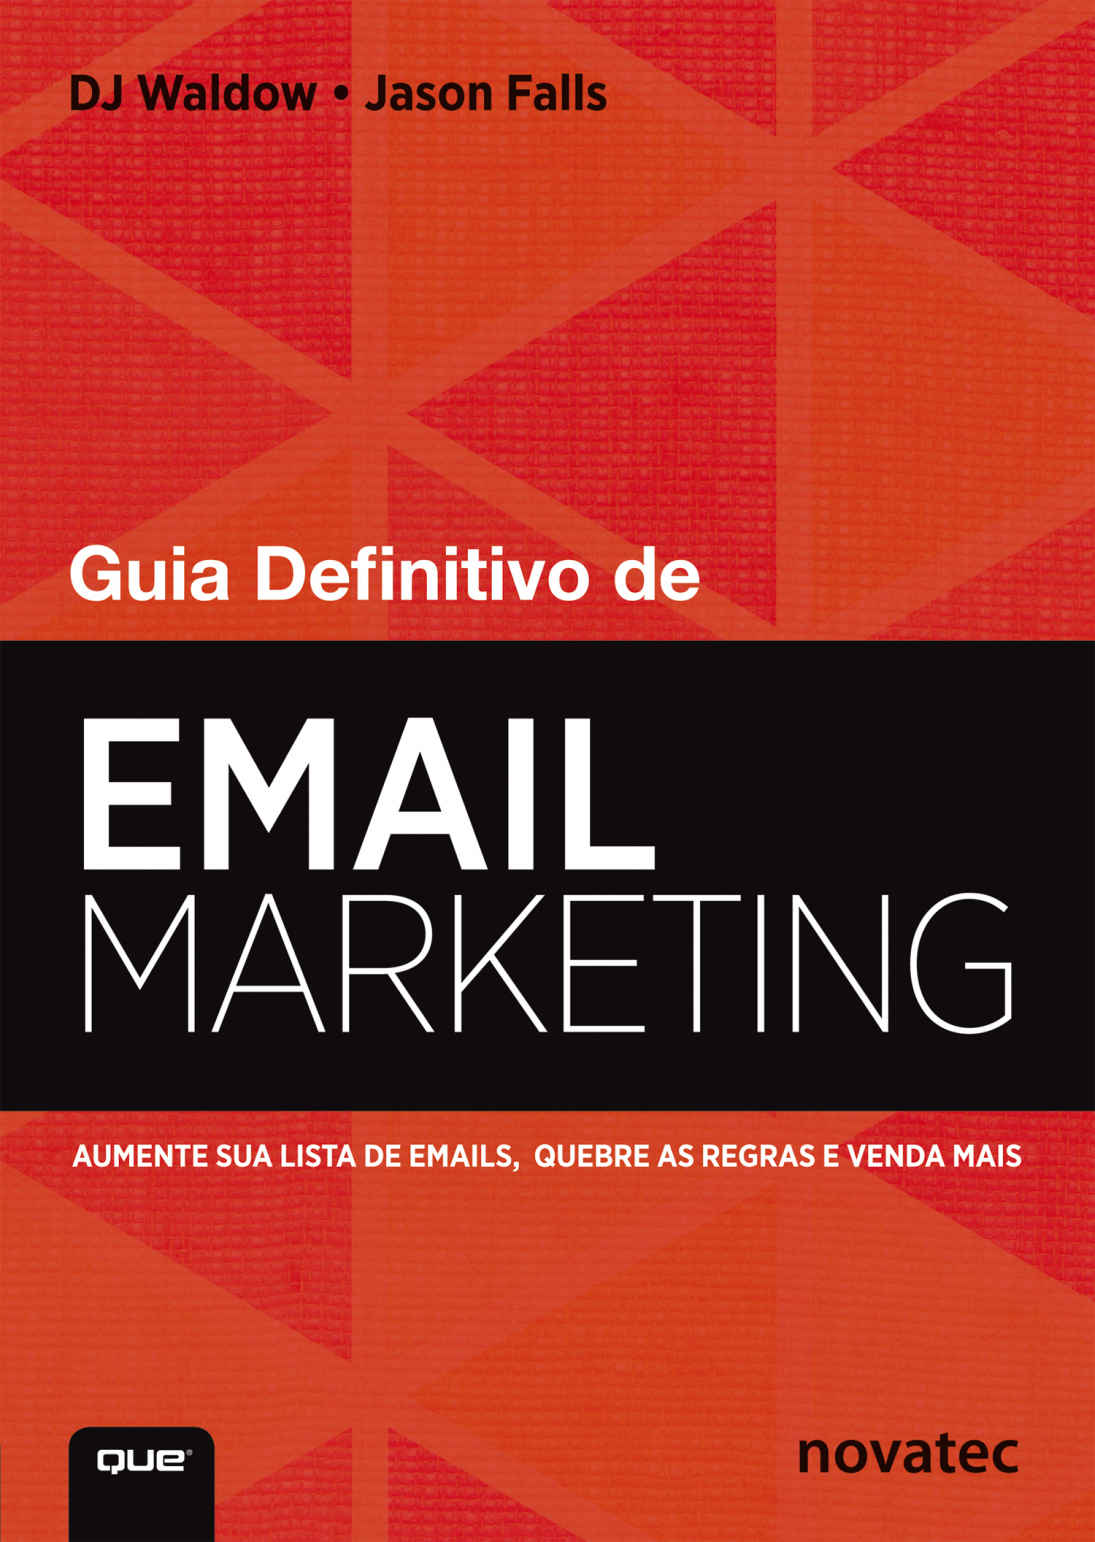 1068312562 - 10 livros de marketing digital para aprimorar suas estratégias